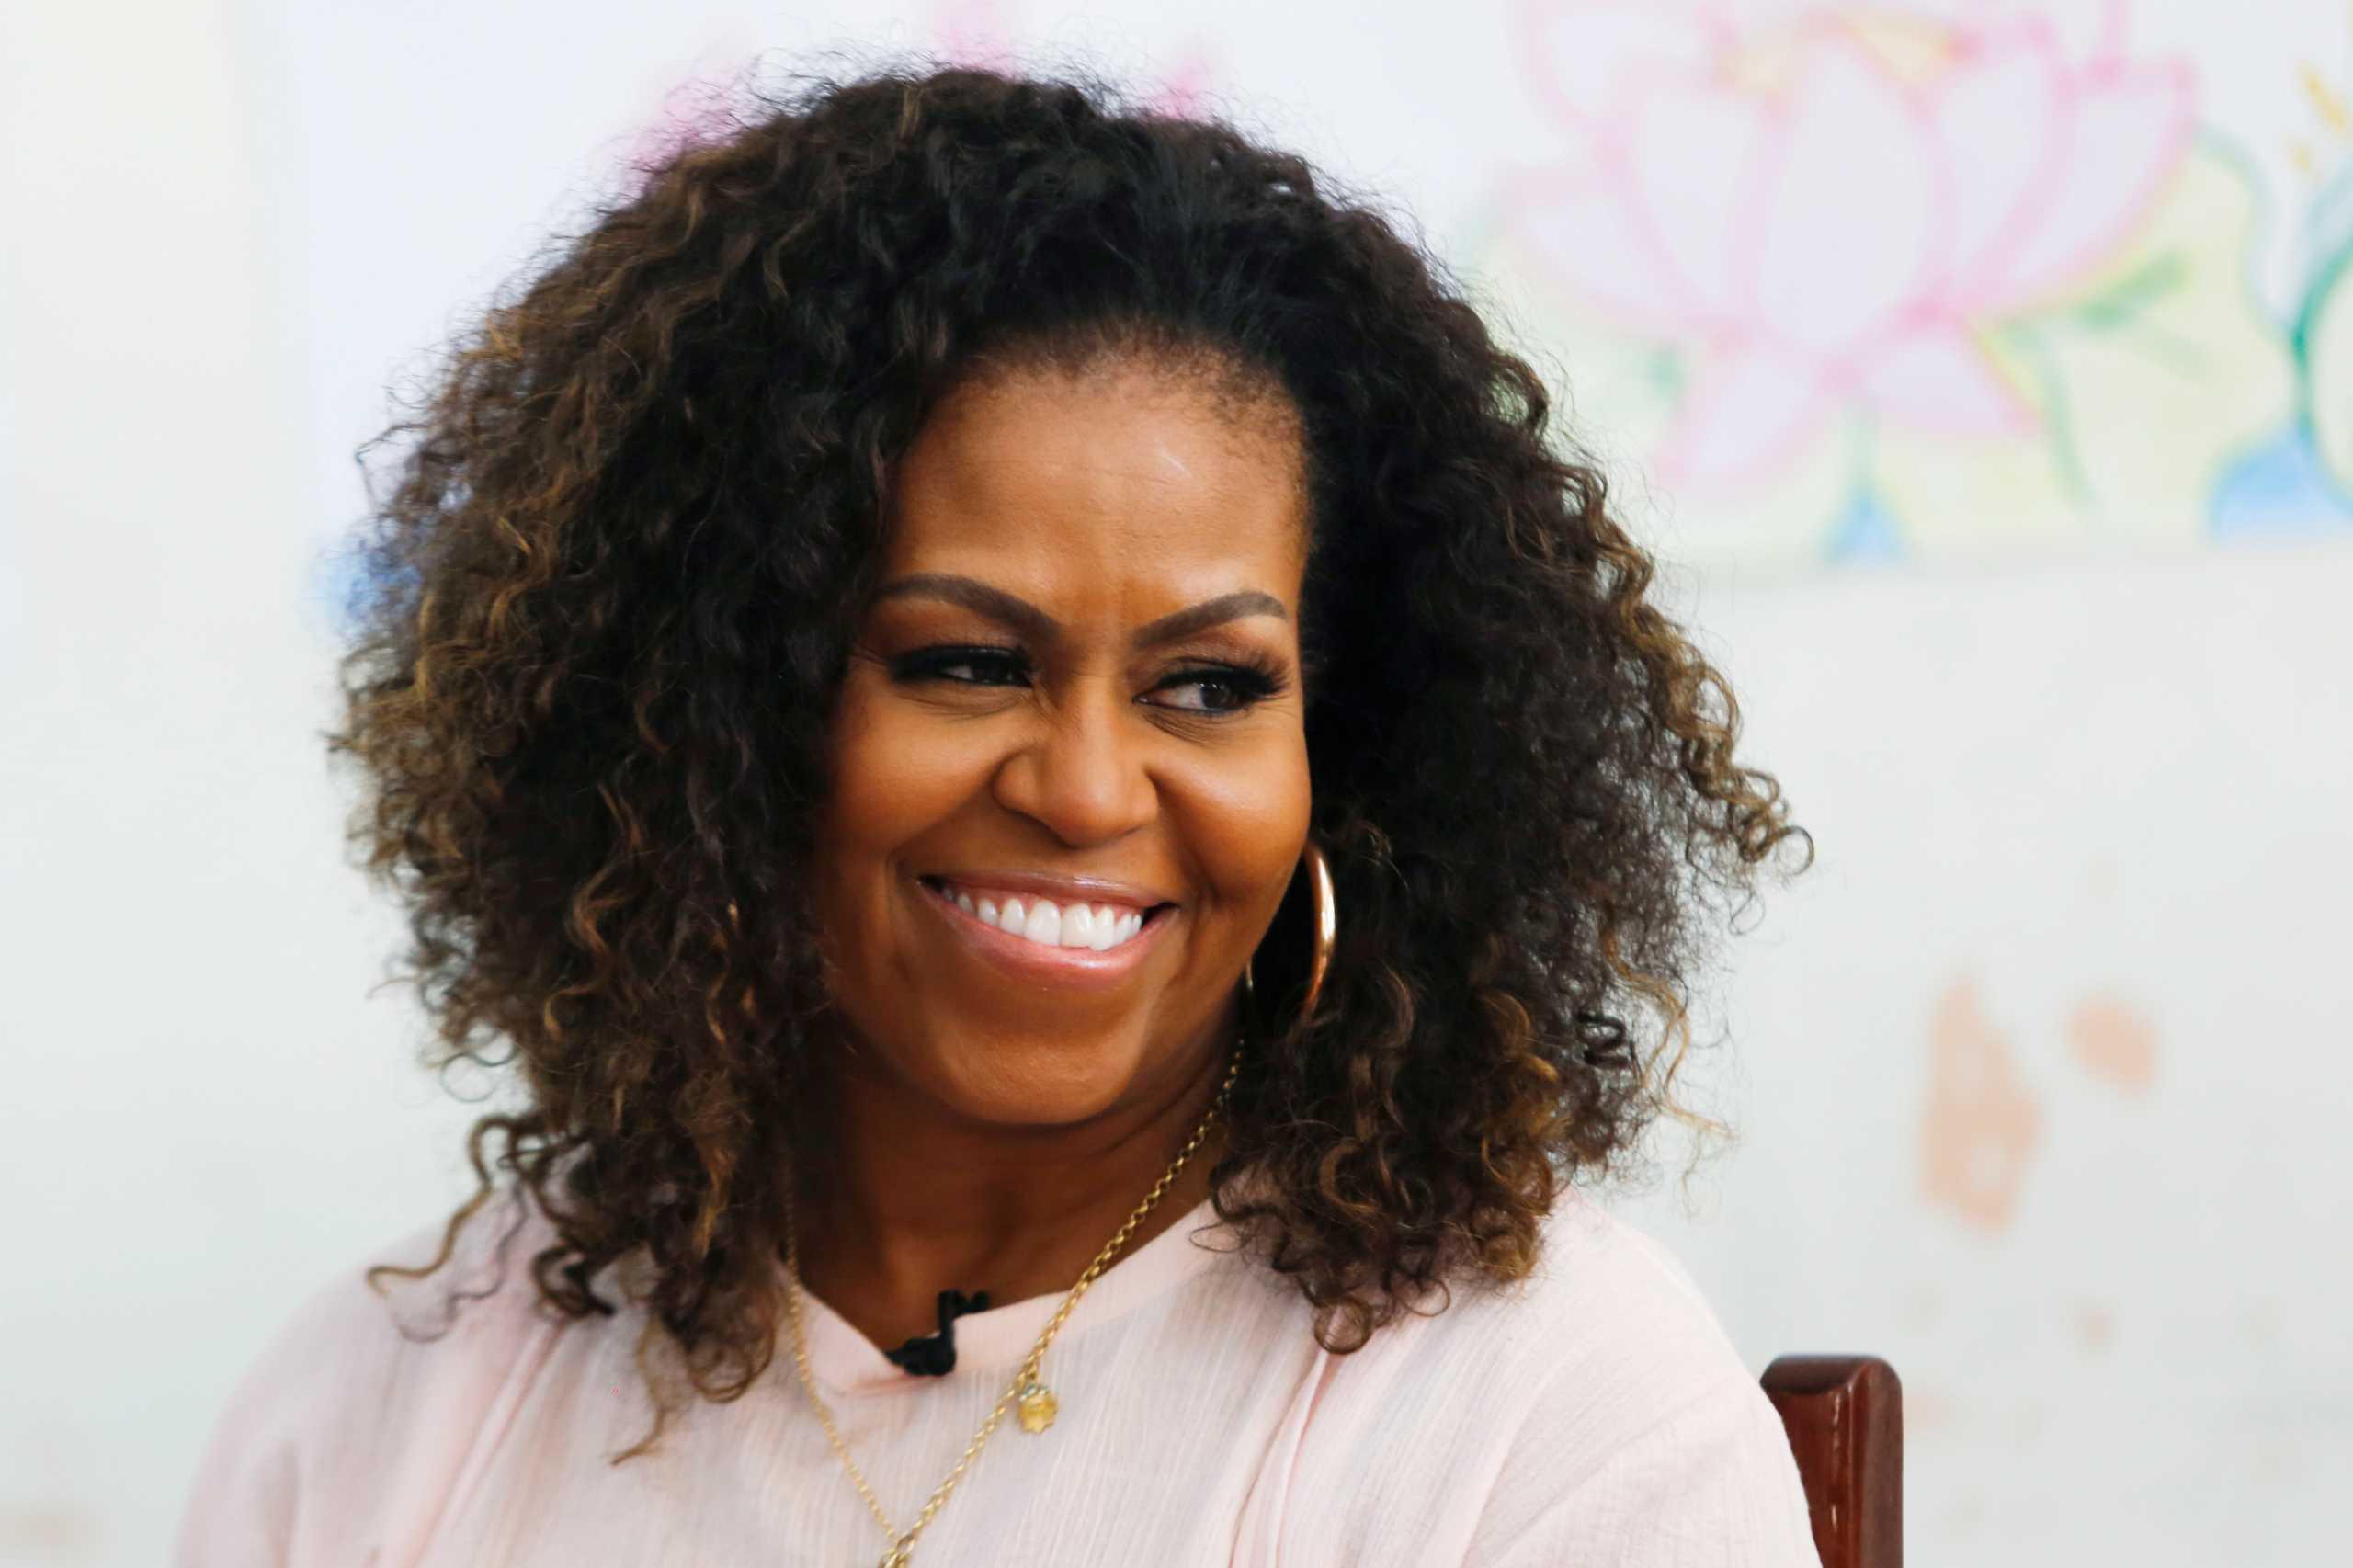 Η Μισέλ Ομπάμα αποκάλυψε πώς πέρασε την καραντίνα με την οικογένειά της (vid)